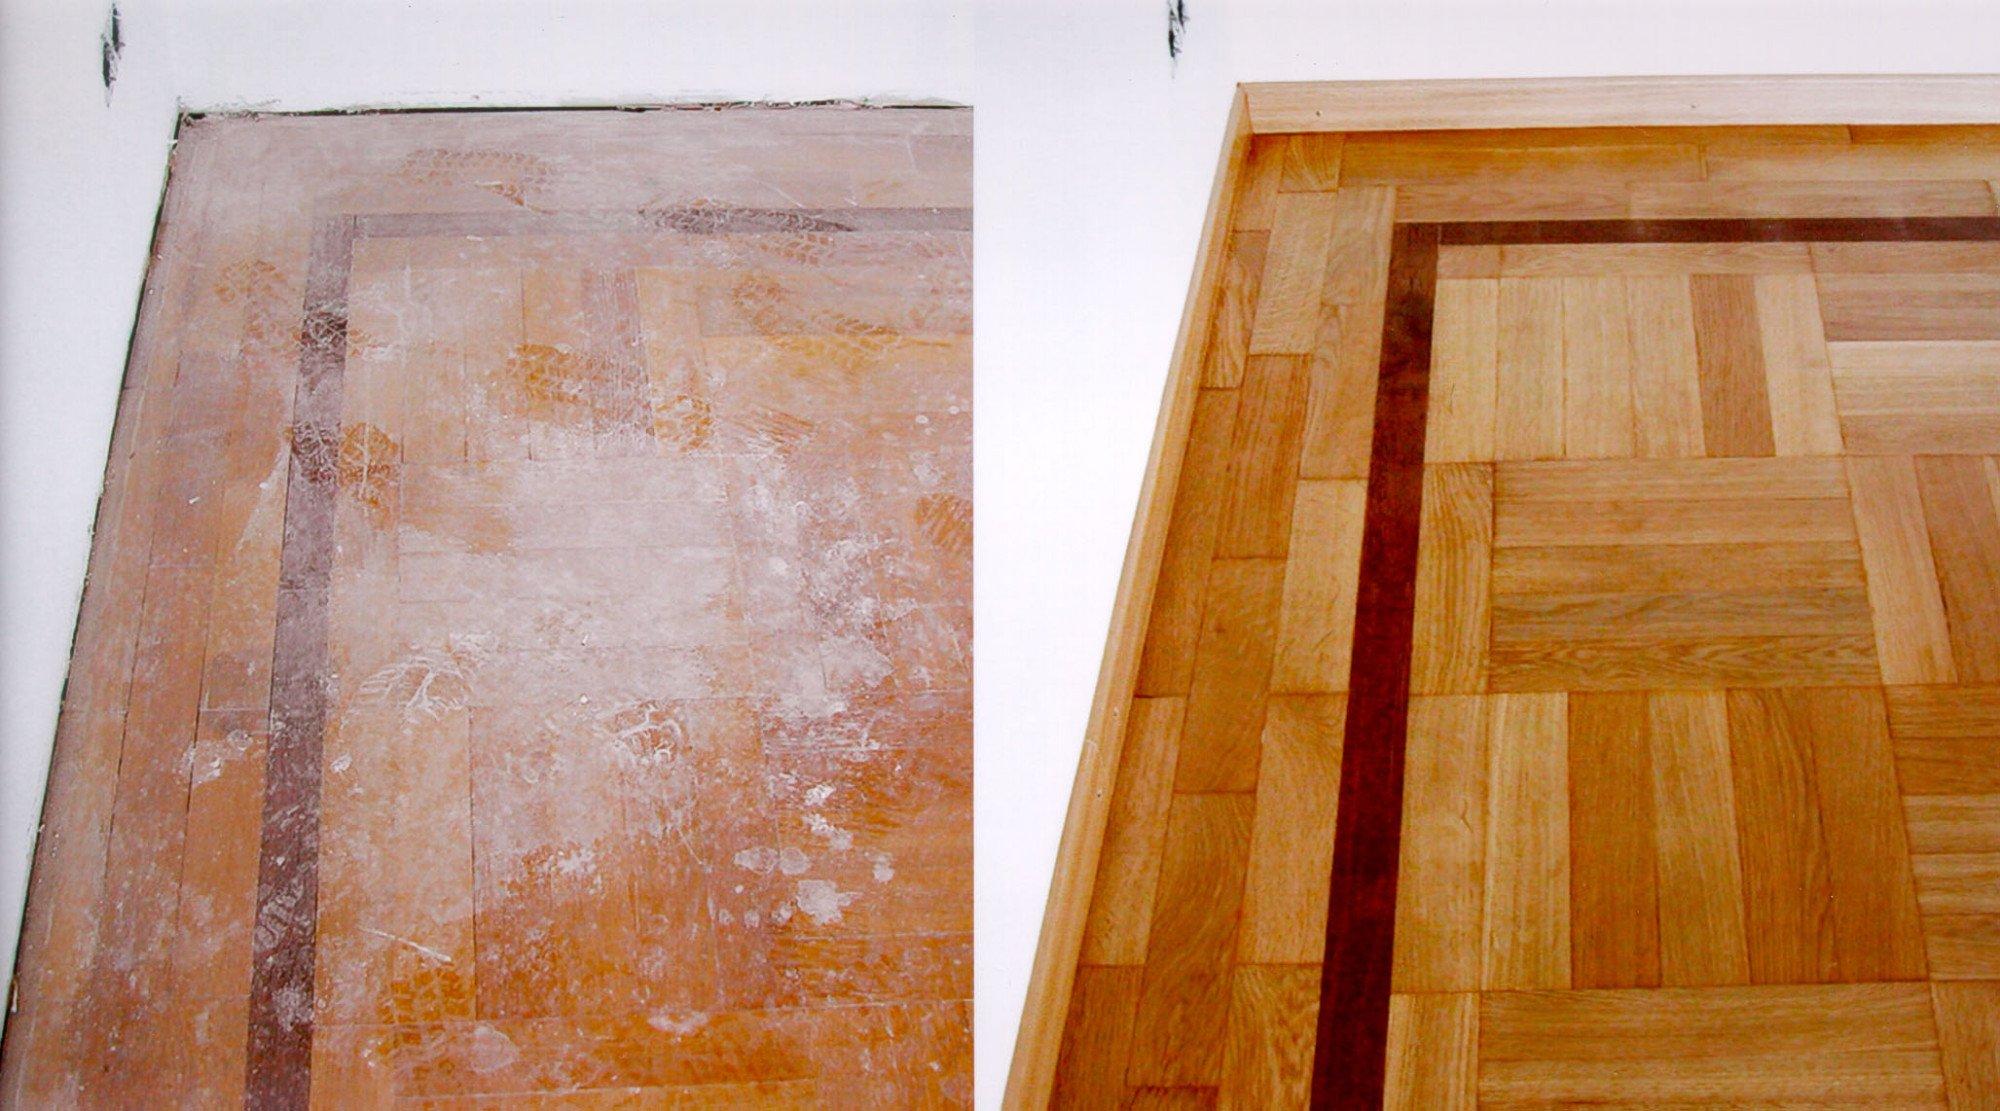 Holzfußboden Lackieren Oder Wachsen ~ Oberflächenbehandlung von parkett boden parkett baunetz wissen